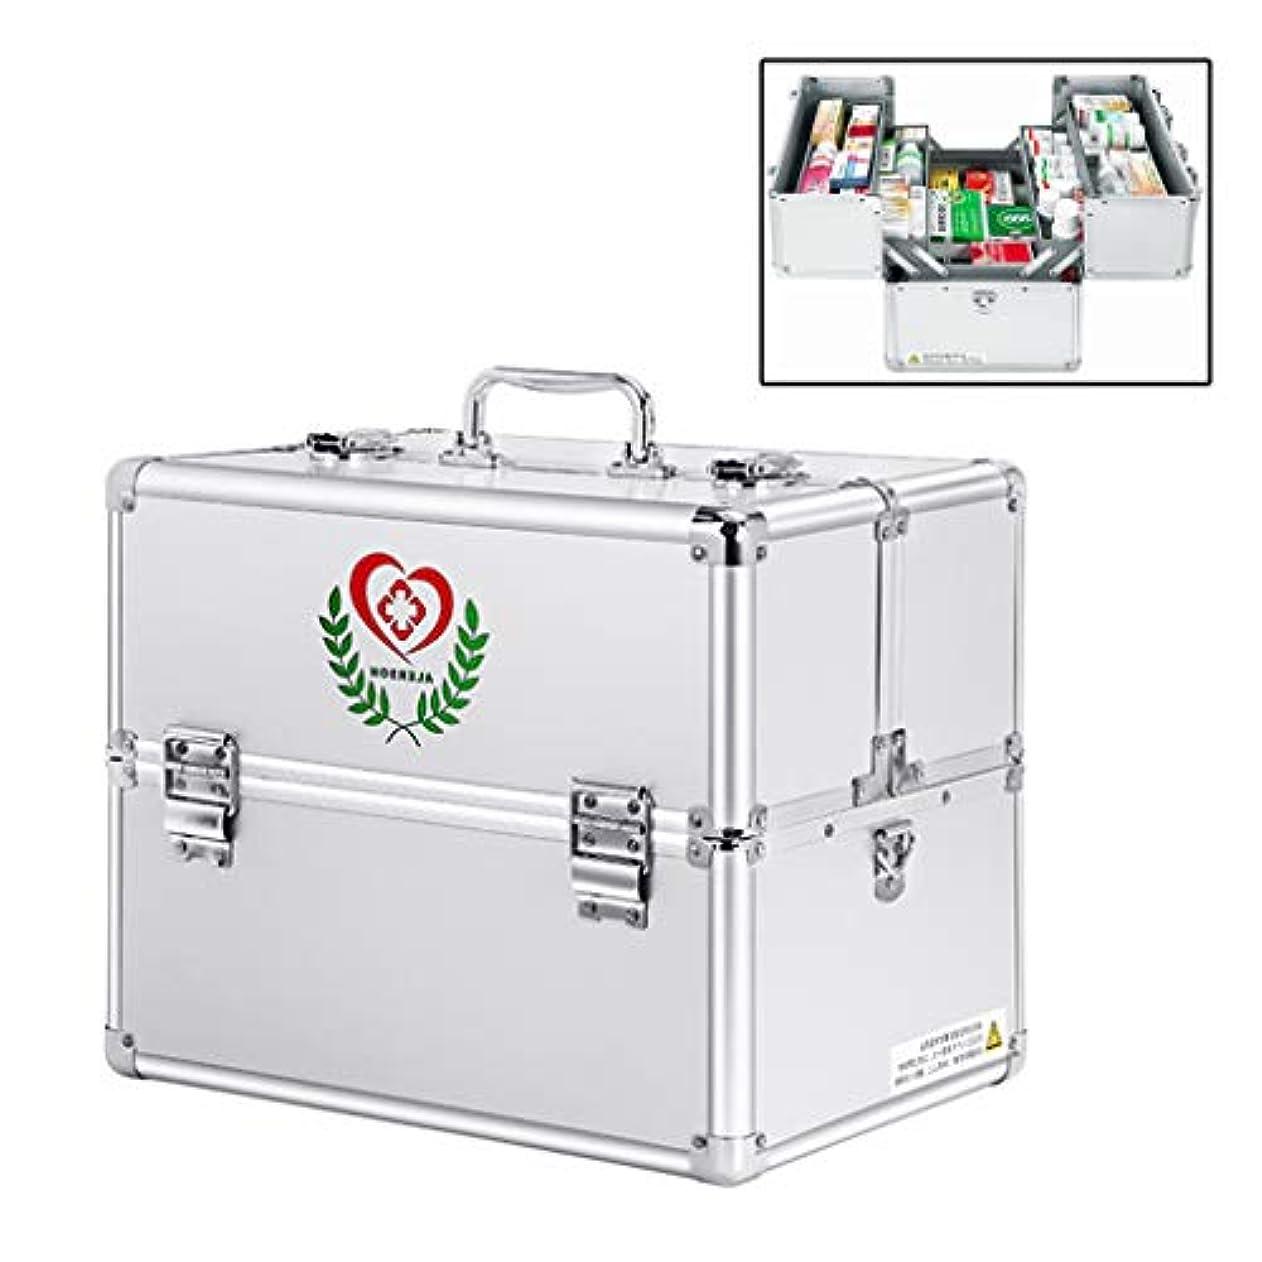 構想するほこりマインドフル救急箱ロック可能な救急箱セキュリティロック薬収納ボックス、ポータブルハンドルと3層収納薬箱-アルミニウム(シルバー/ピンク)